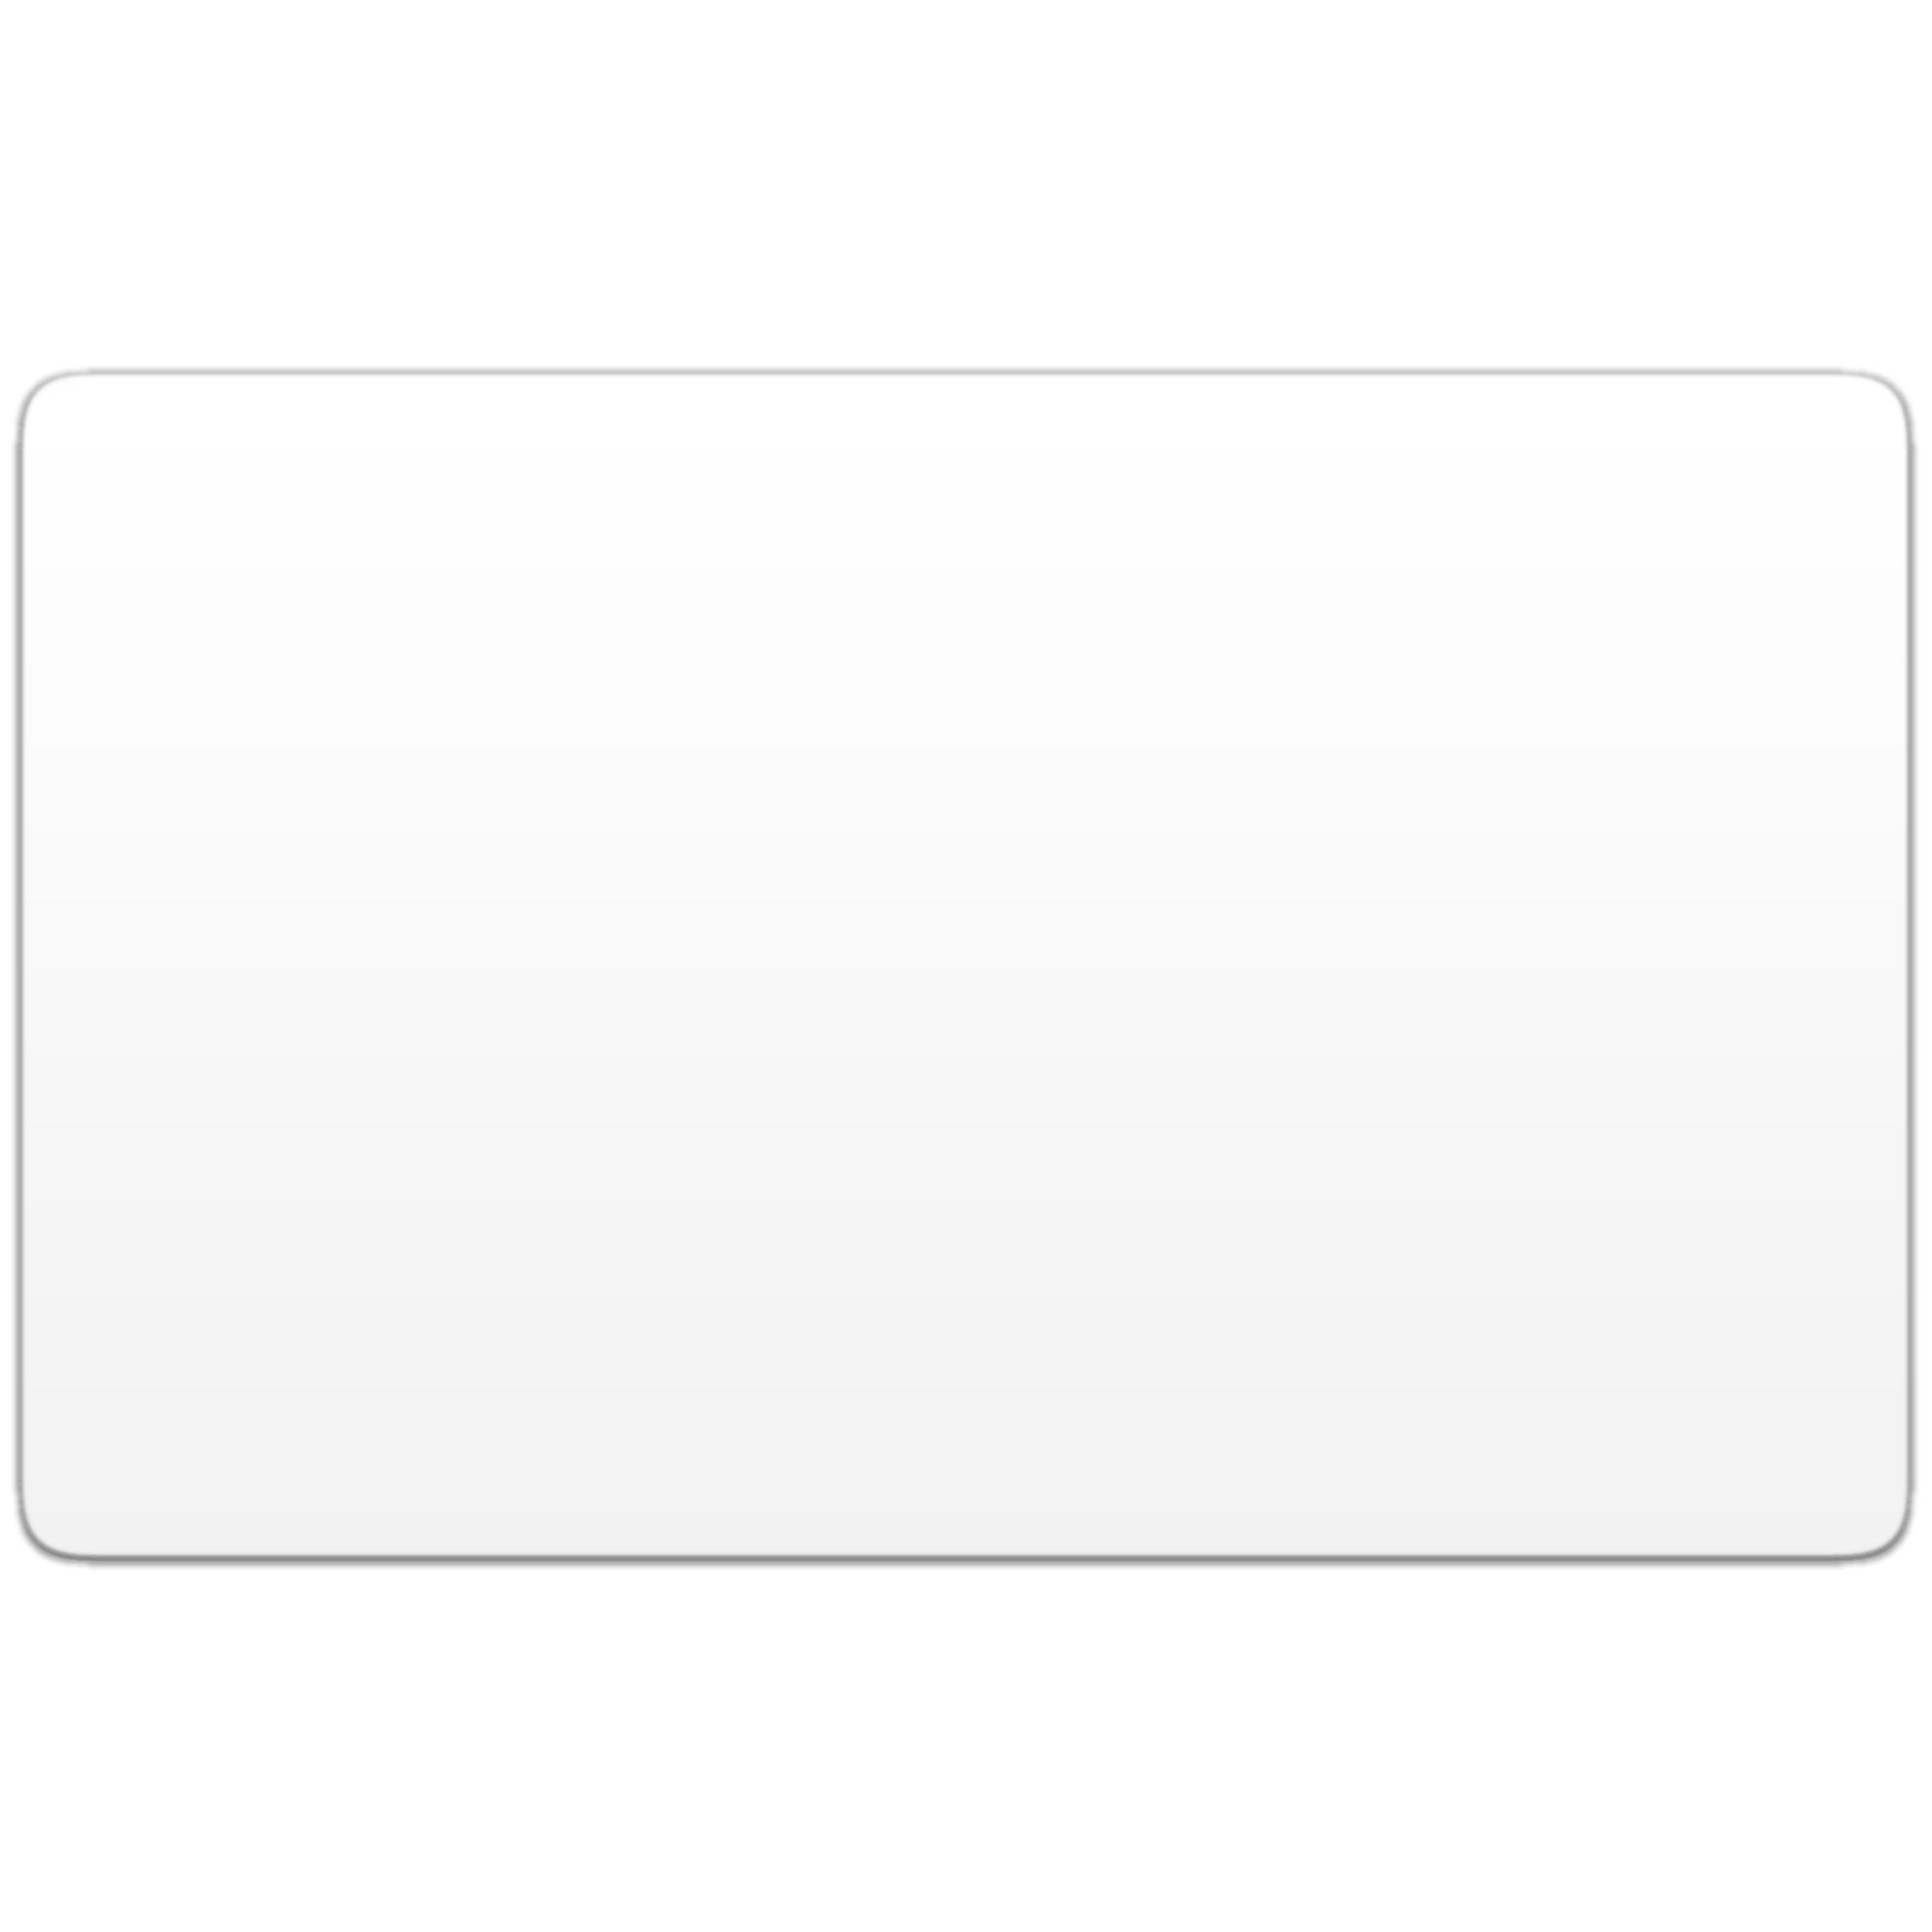 Бесконтактная пластиковая карта Icode Sli-S (ISO15693) для прямой печати